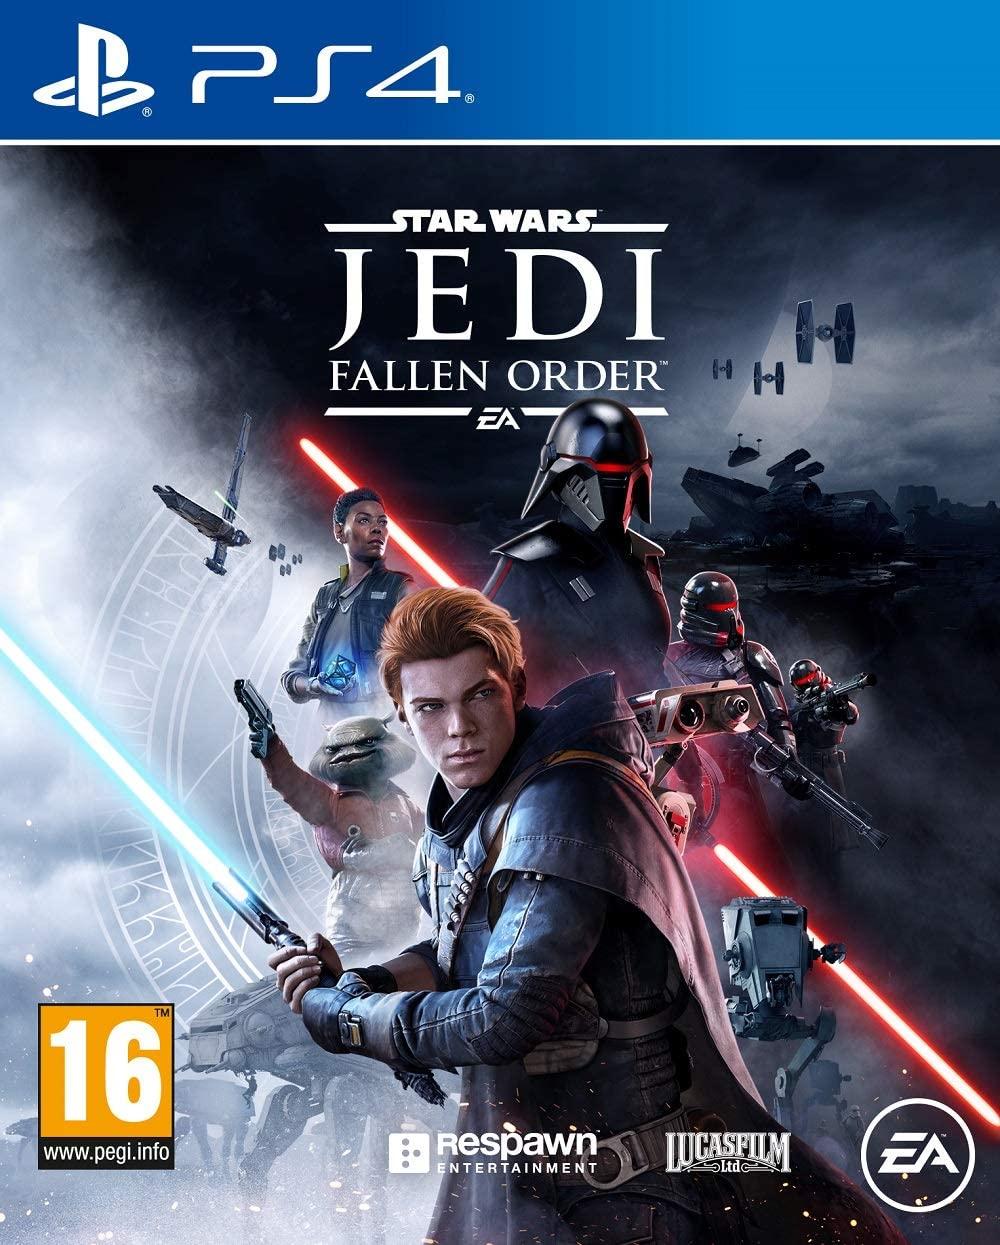 Sélection de jeux PS4 en promotion (Dématérialisé - Store Brésil) -- Ex : Star Wars Jedi : Fallen Order